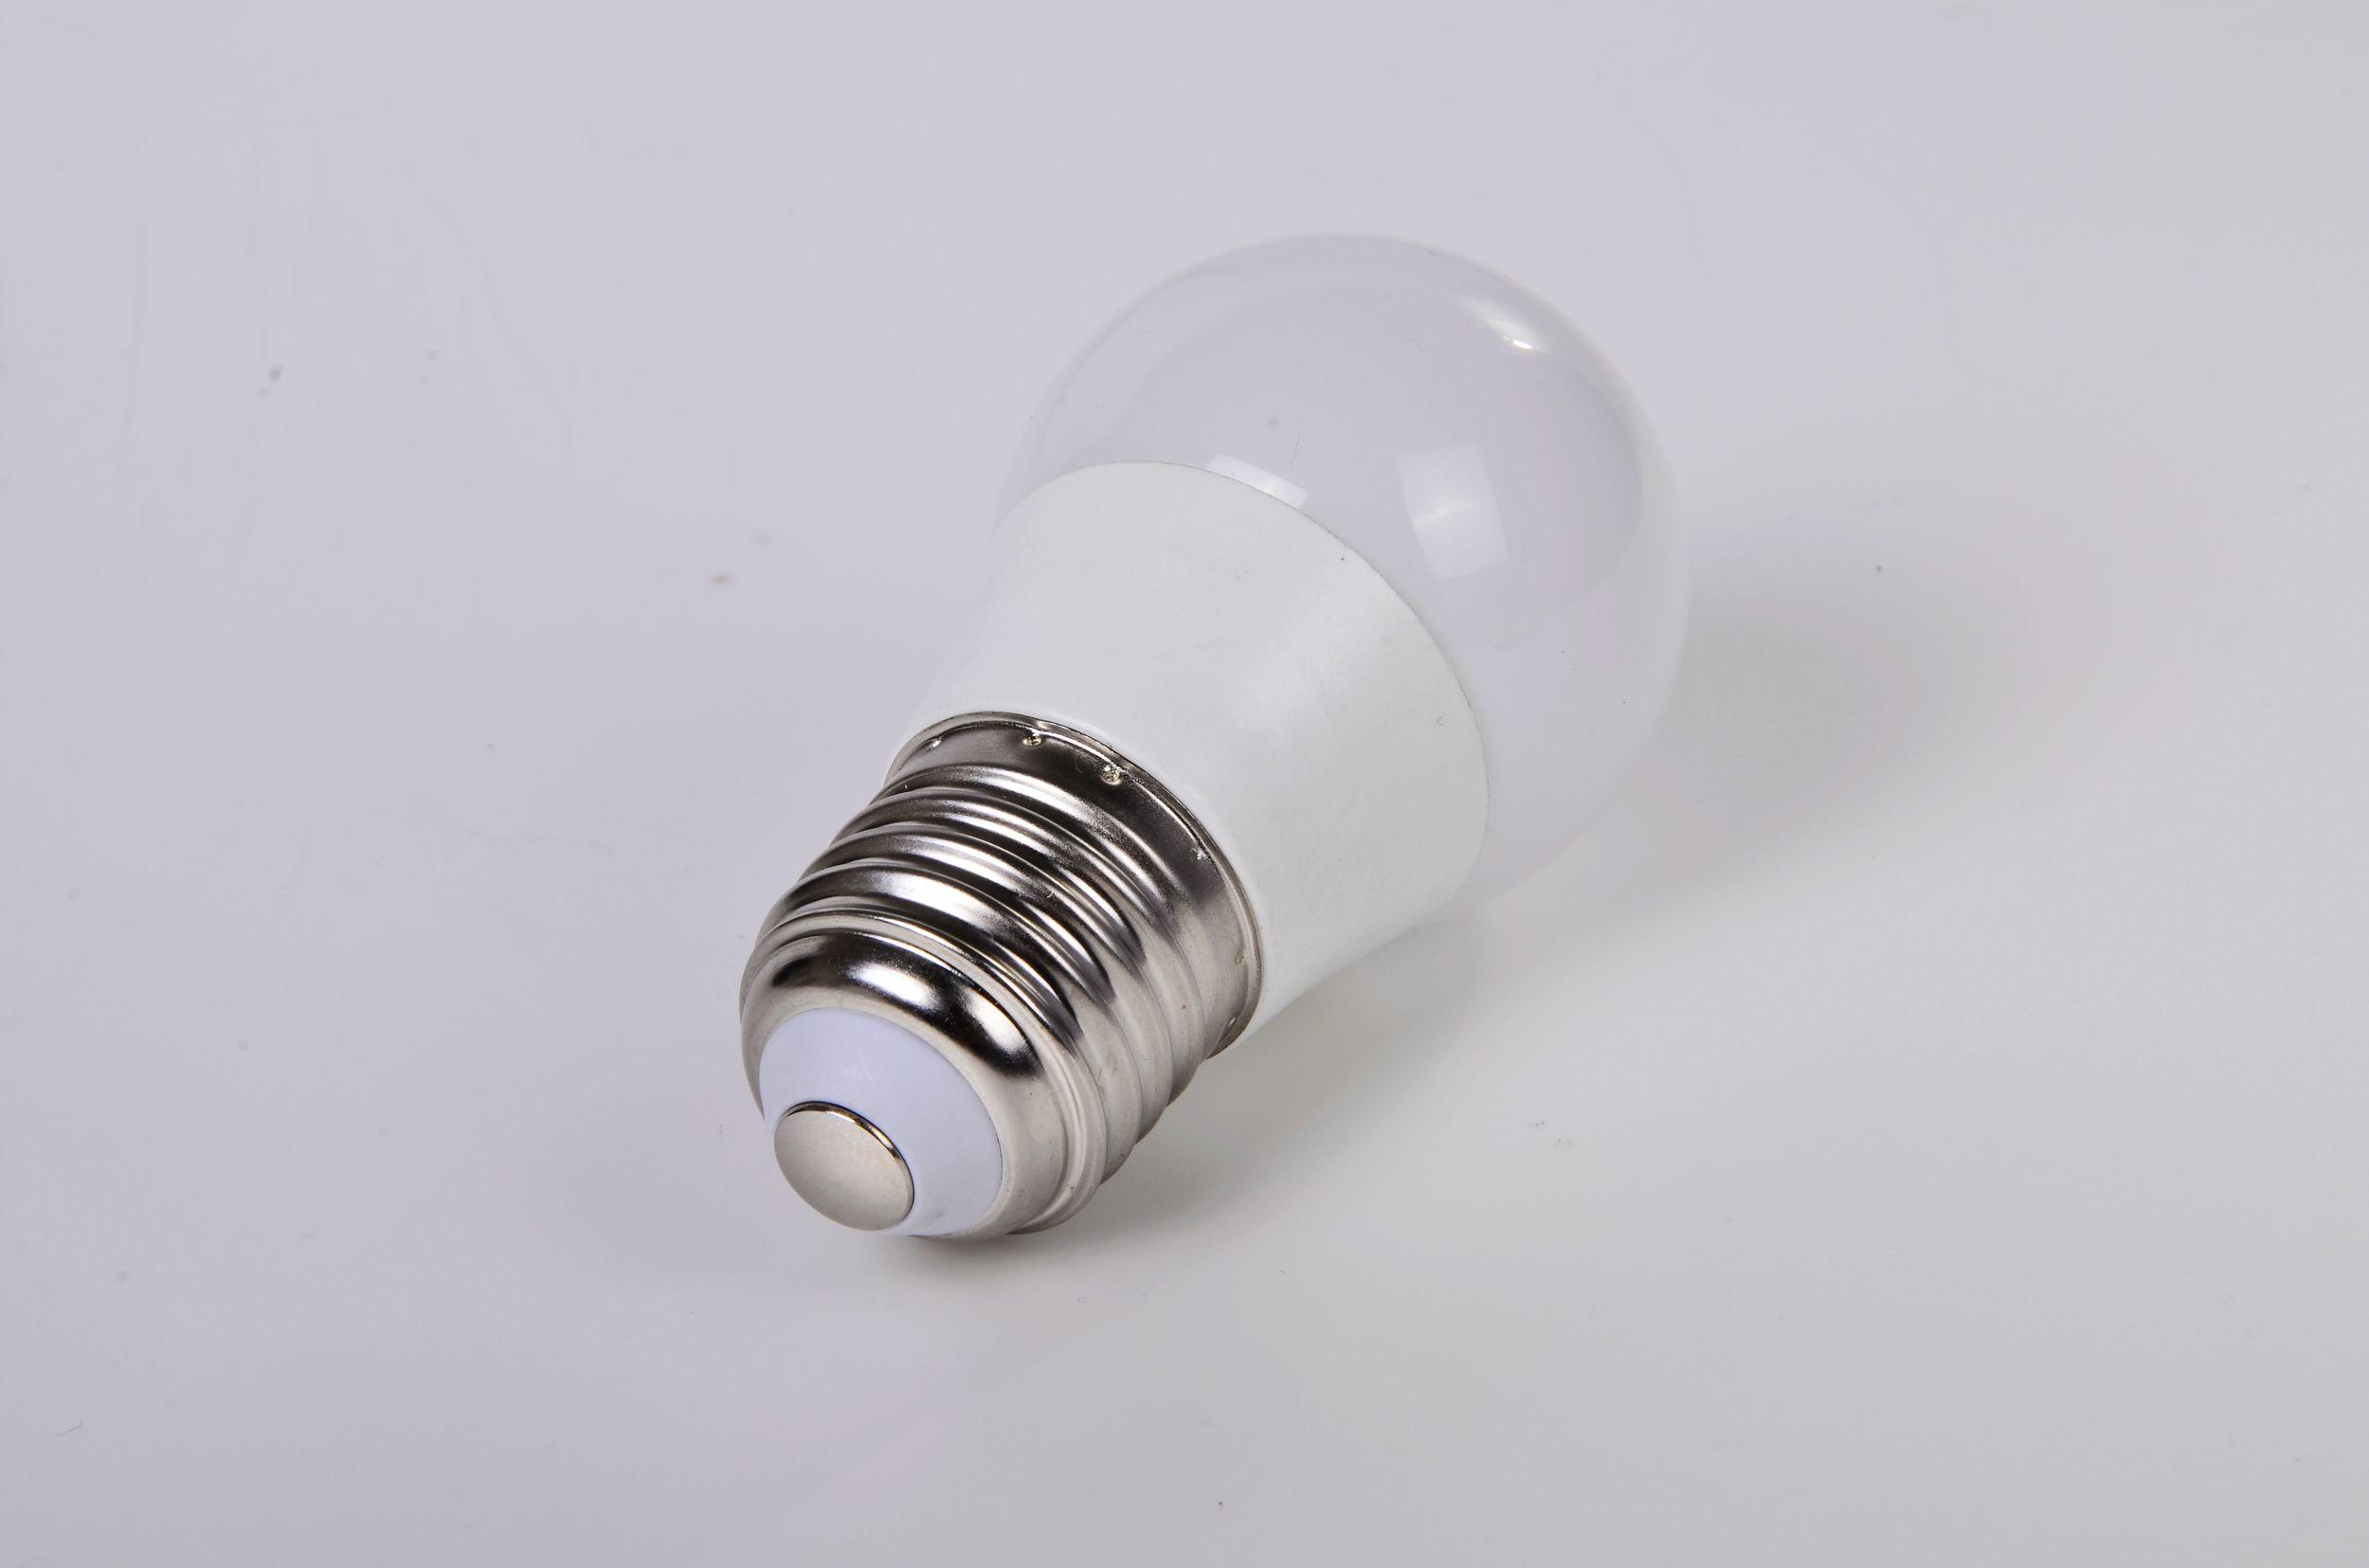 5w 塑料led灯泡